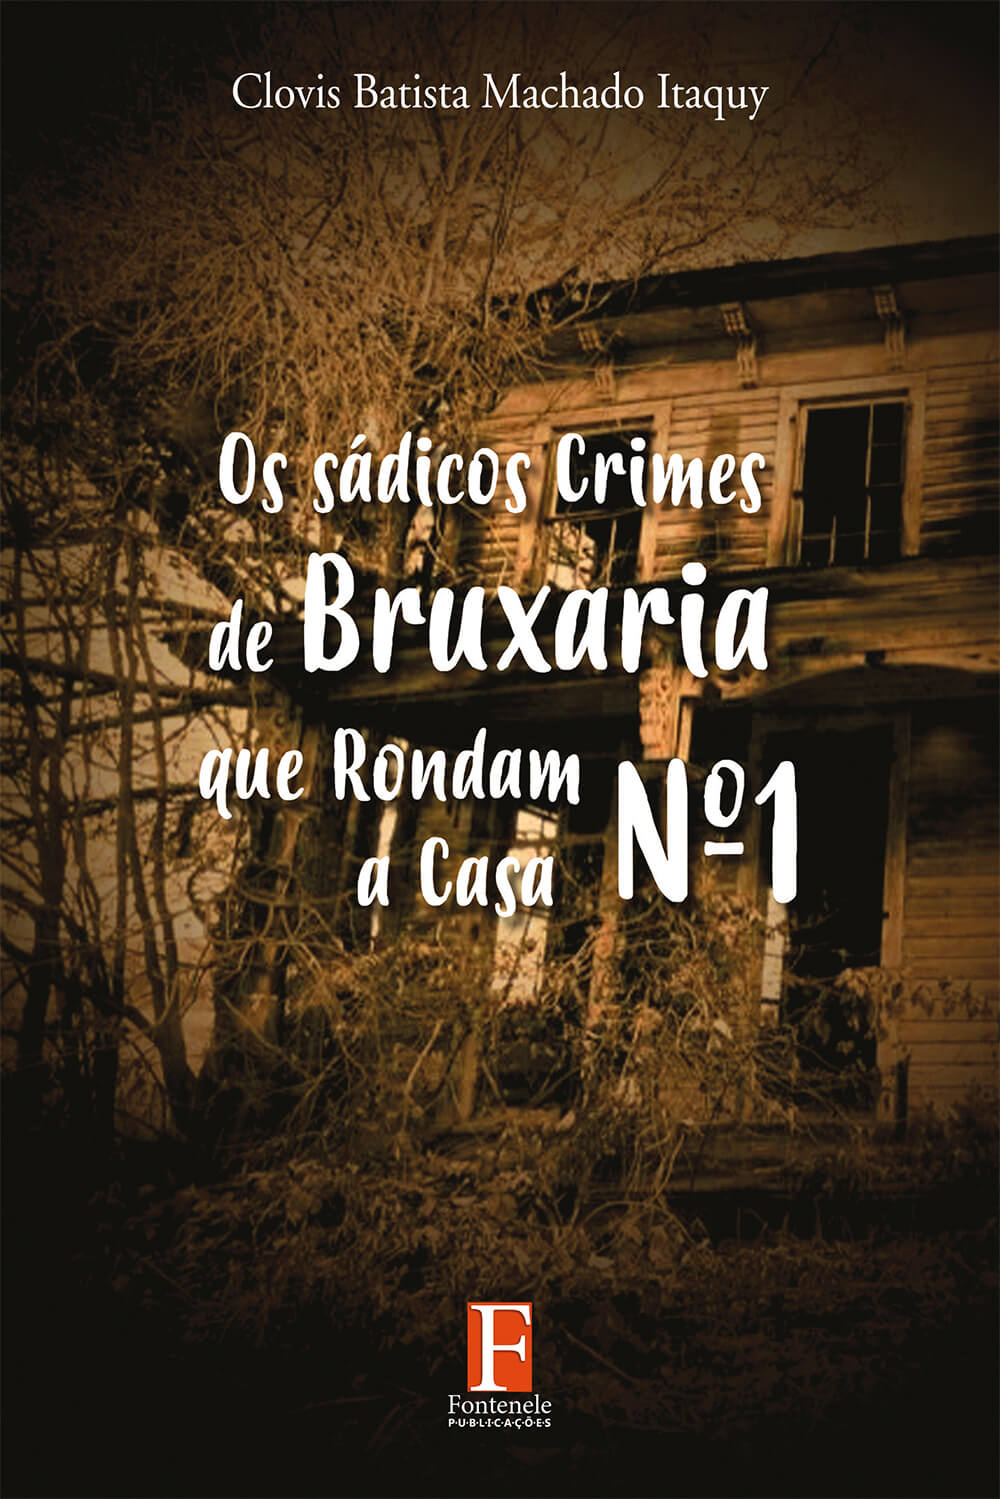 Fontenele Publicações / 11 95150-3481 / 11  95150-4383 OS SÁDICOS CRIMES DE BRUXARIA QUE ENVOLVEM A CASA 1